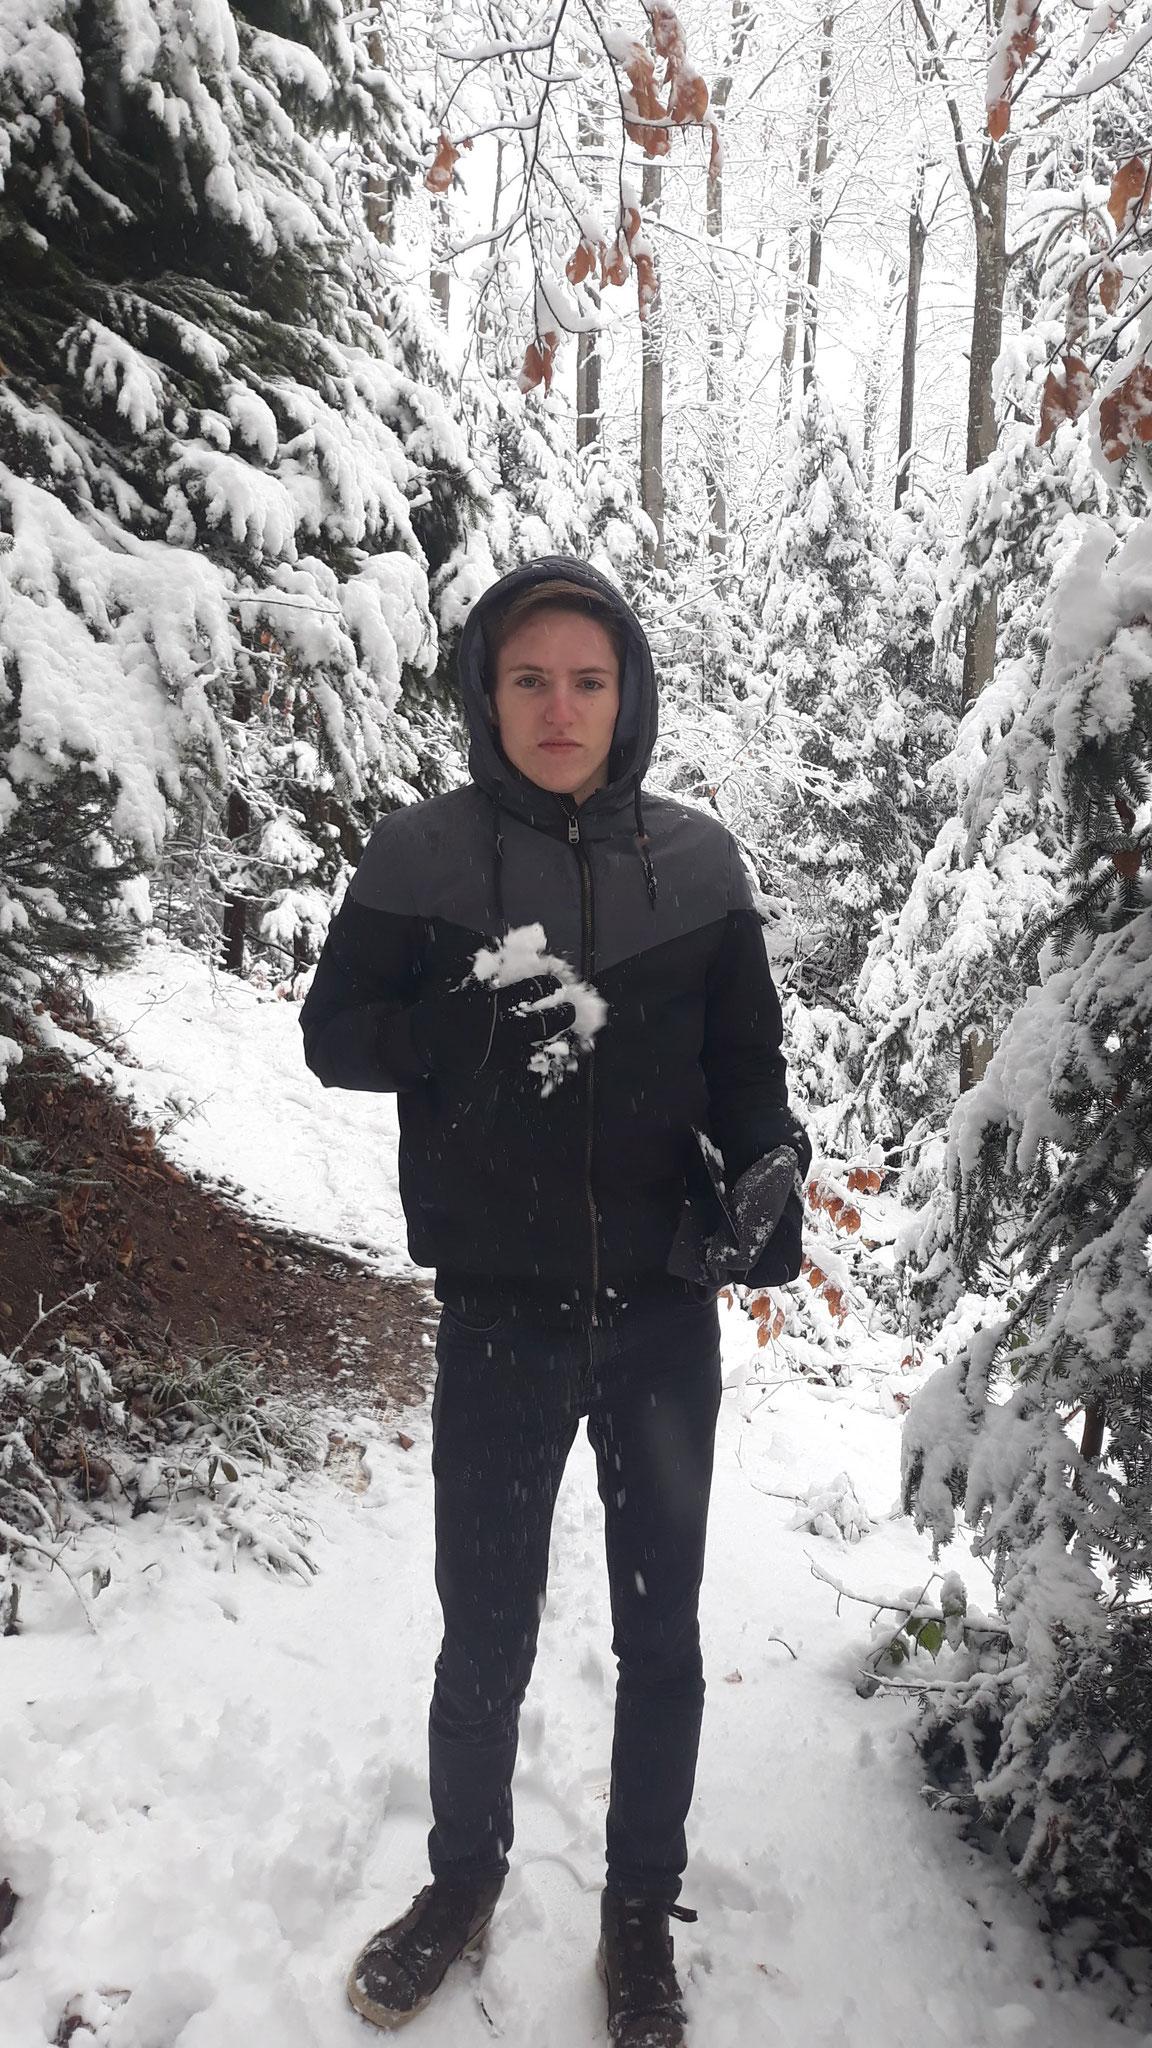 Mit Pascal unterwegs am Schneespaziergang